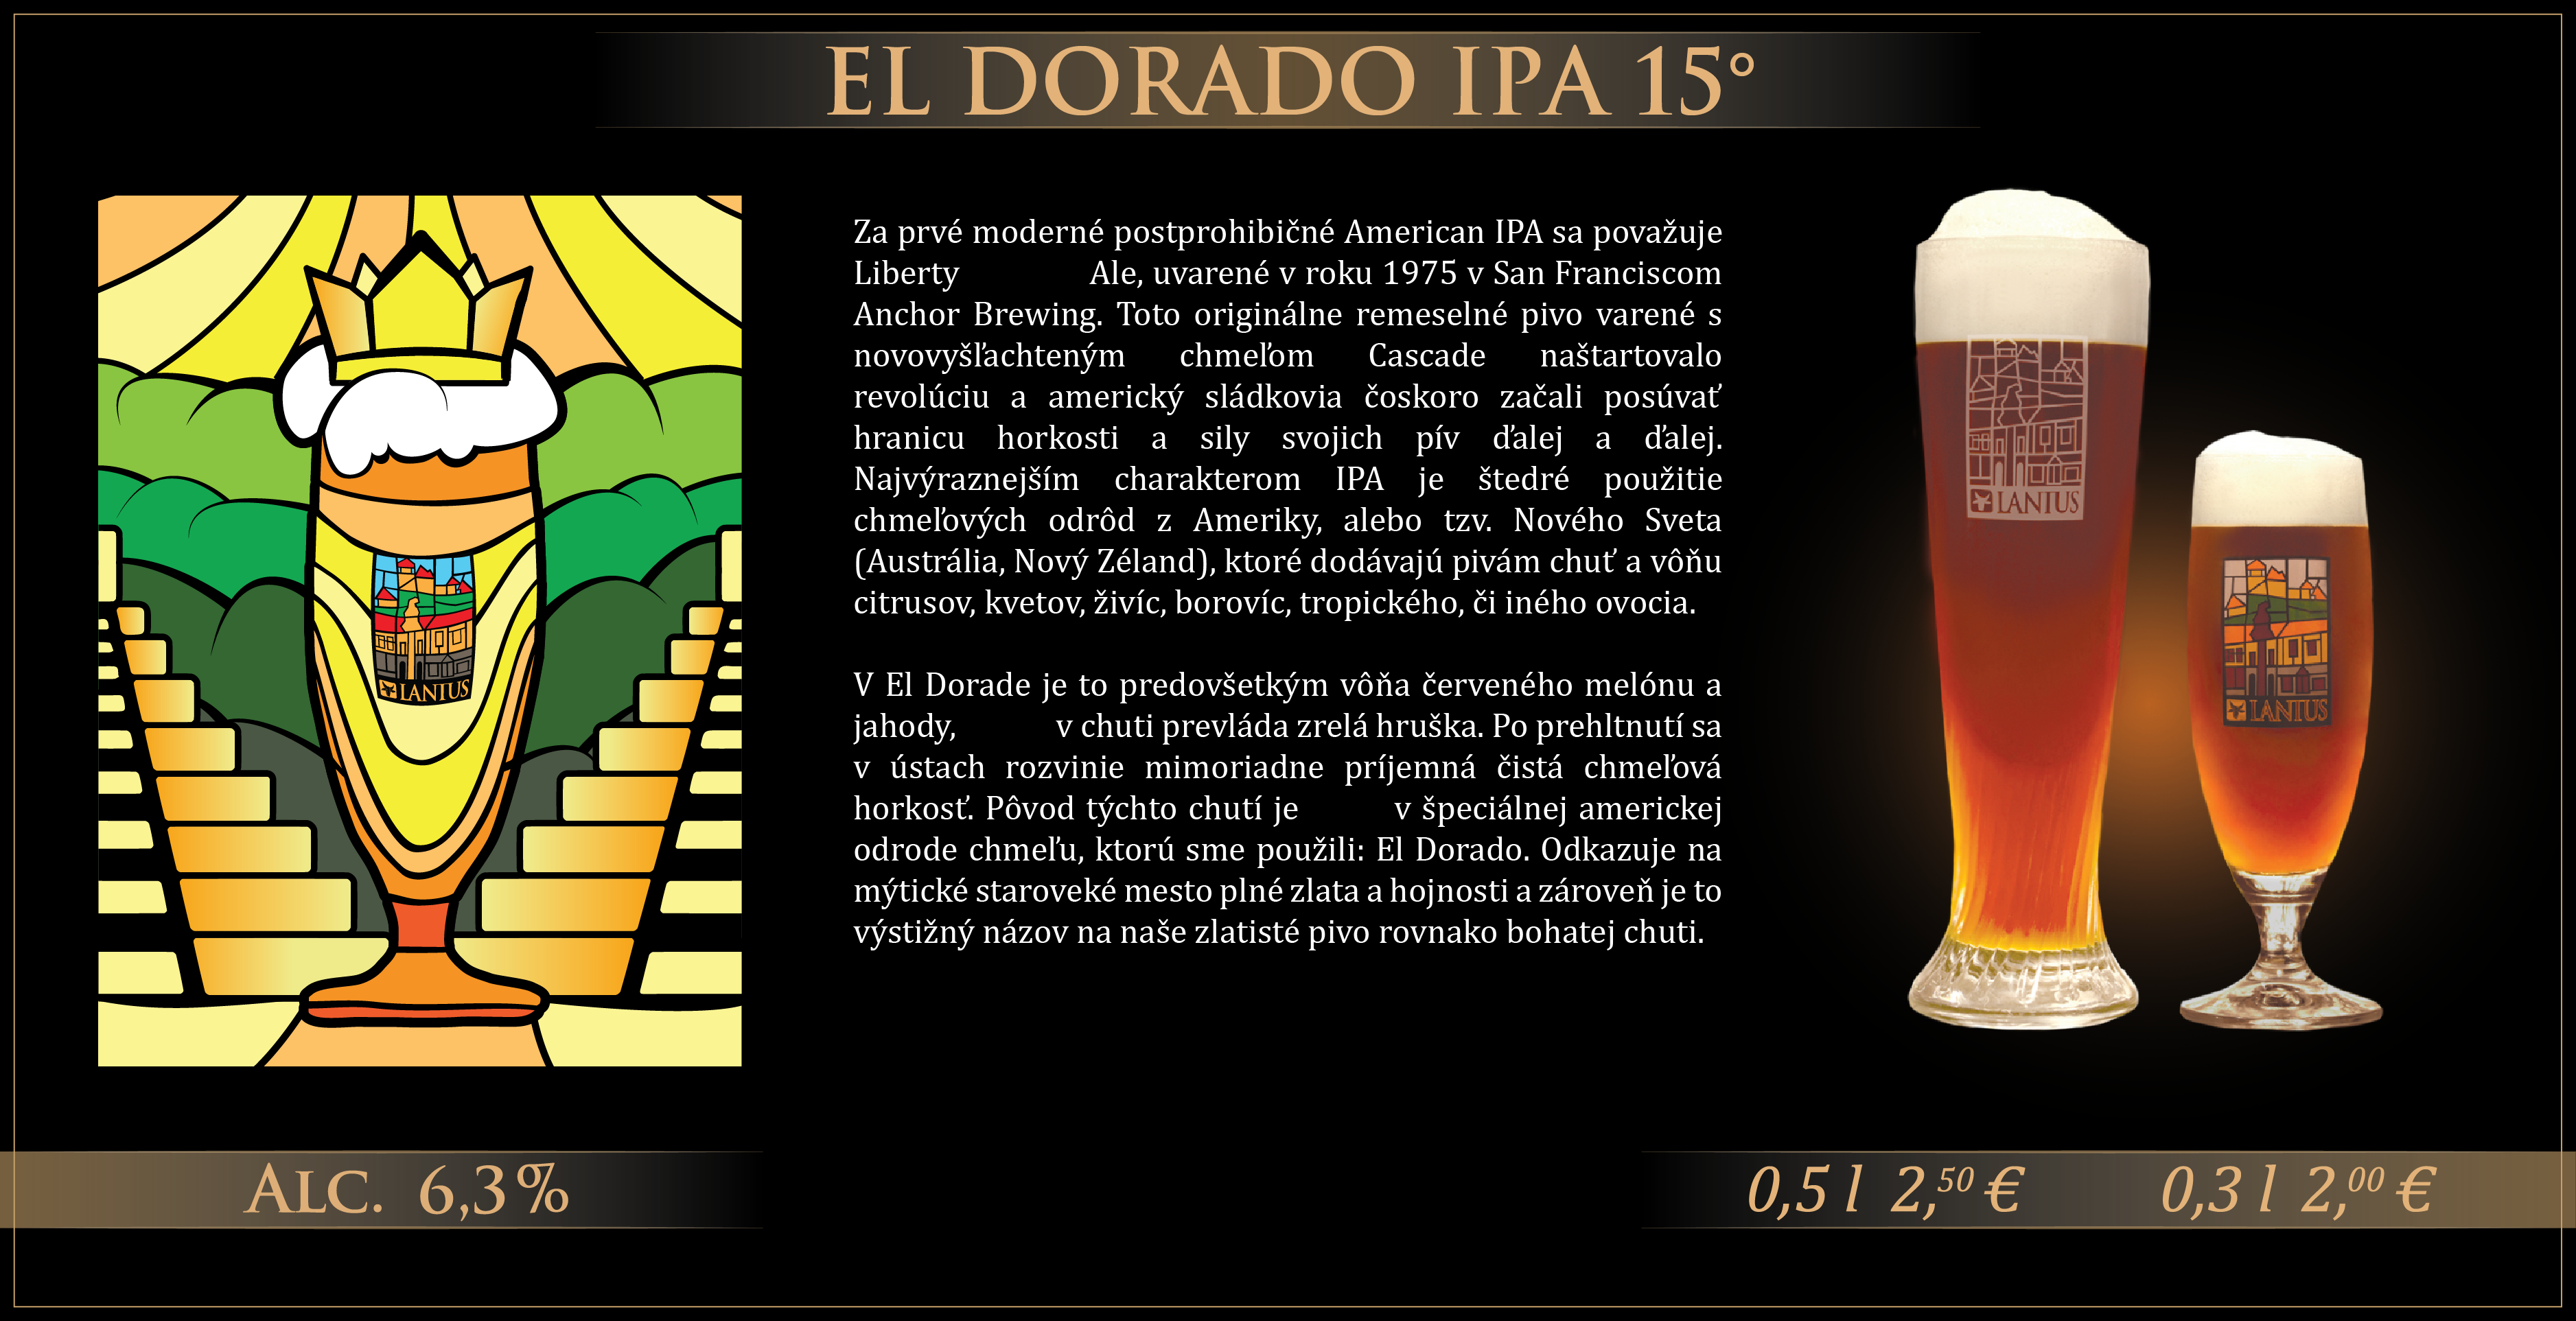 el_dorado_web-02